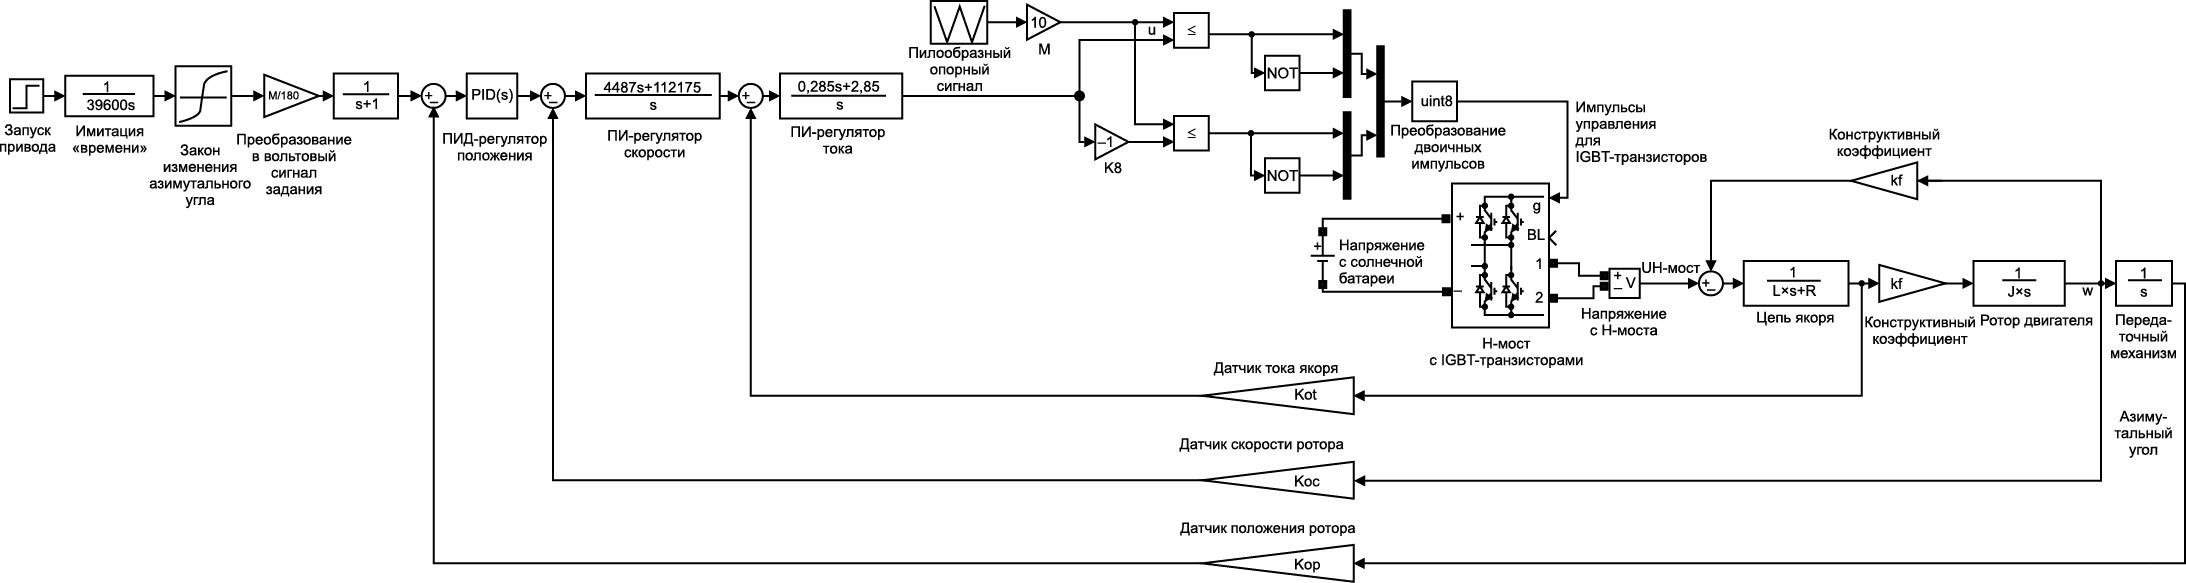 Полная математическая модель азимутального электропривода